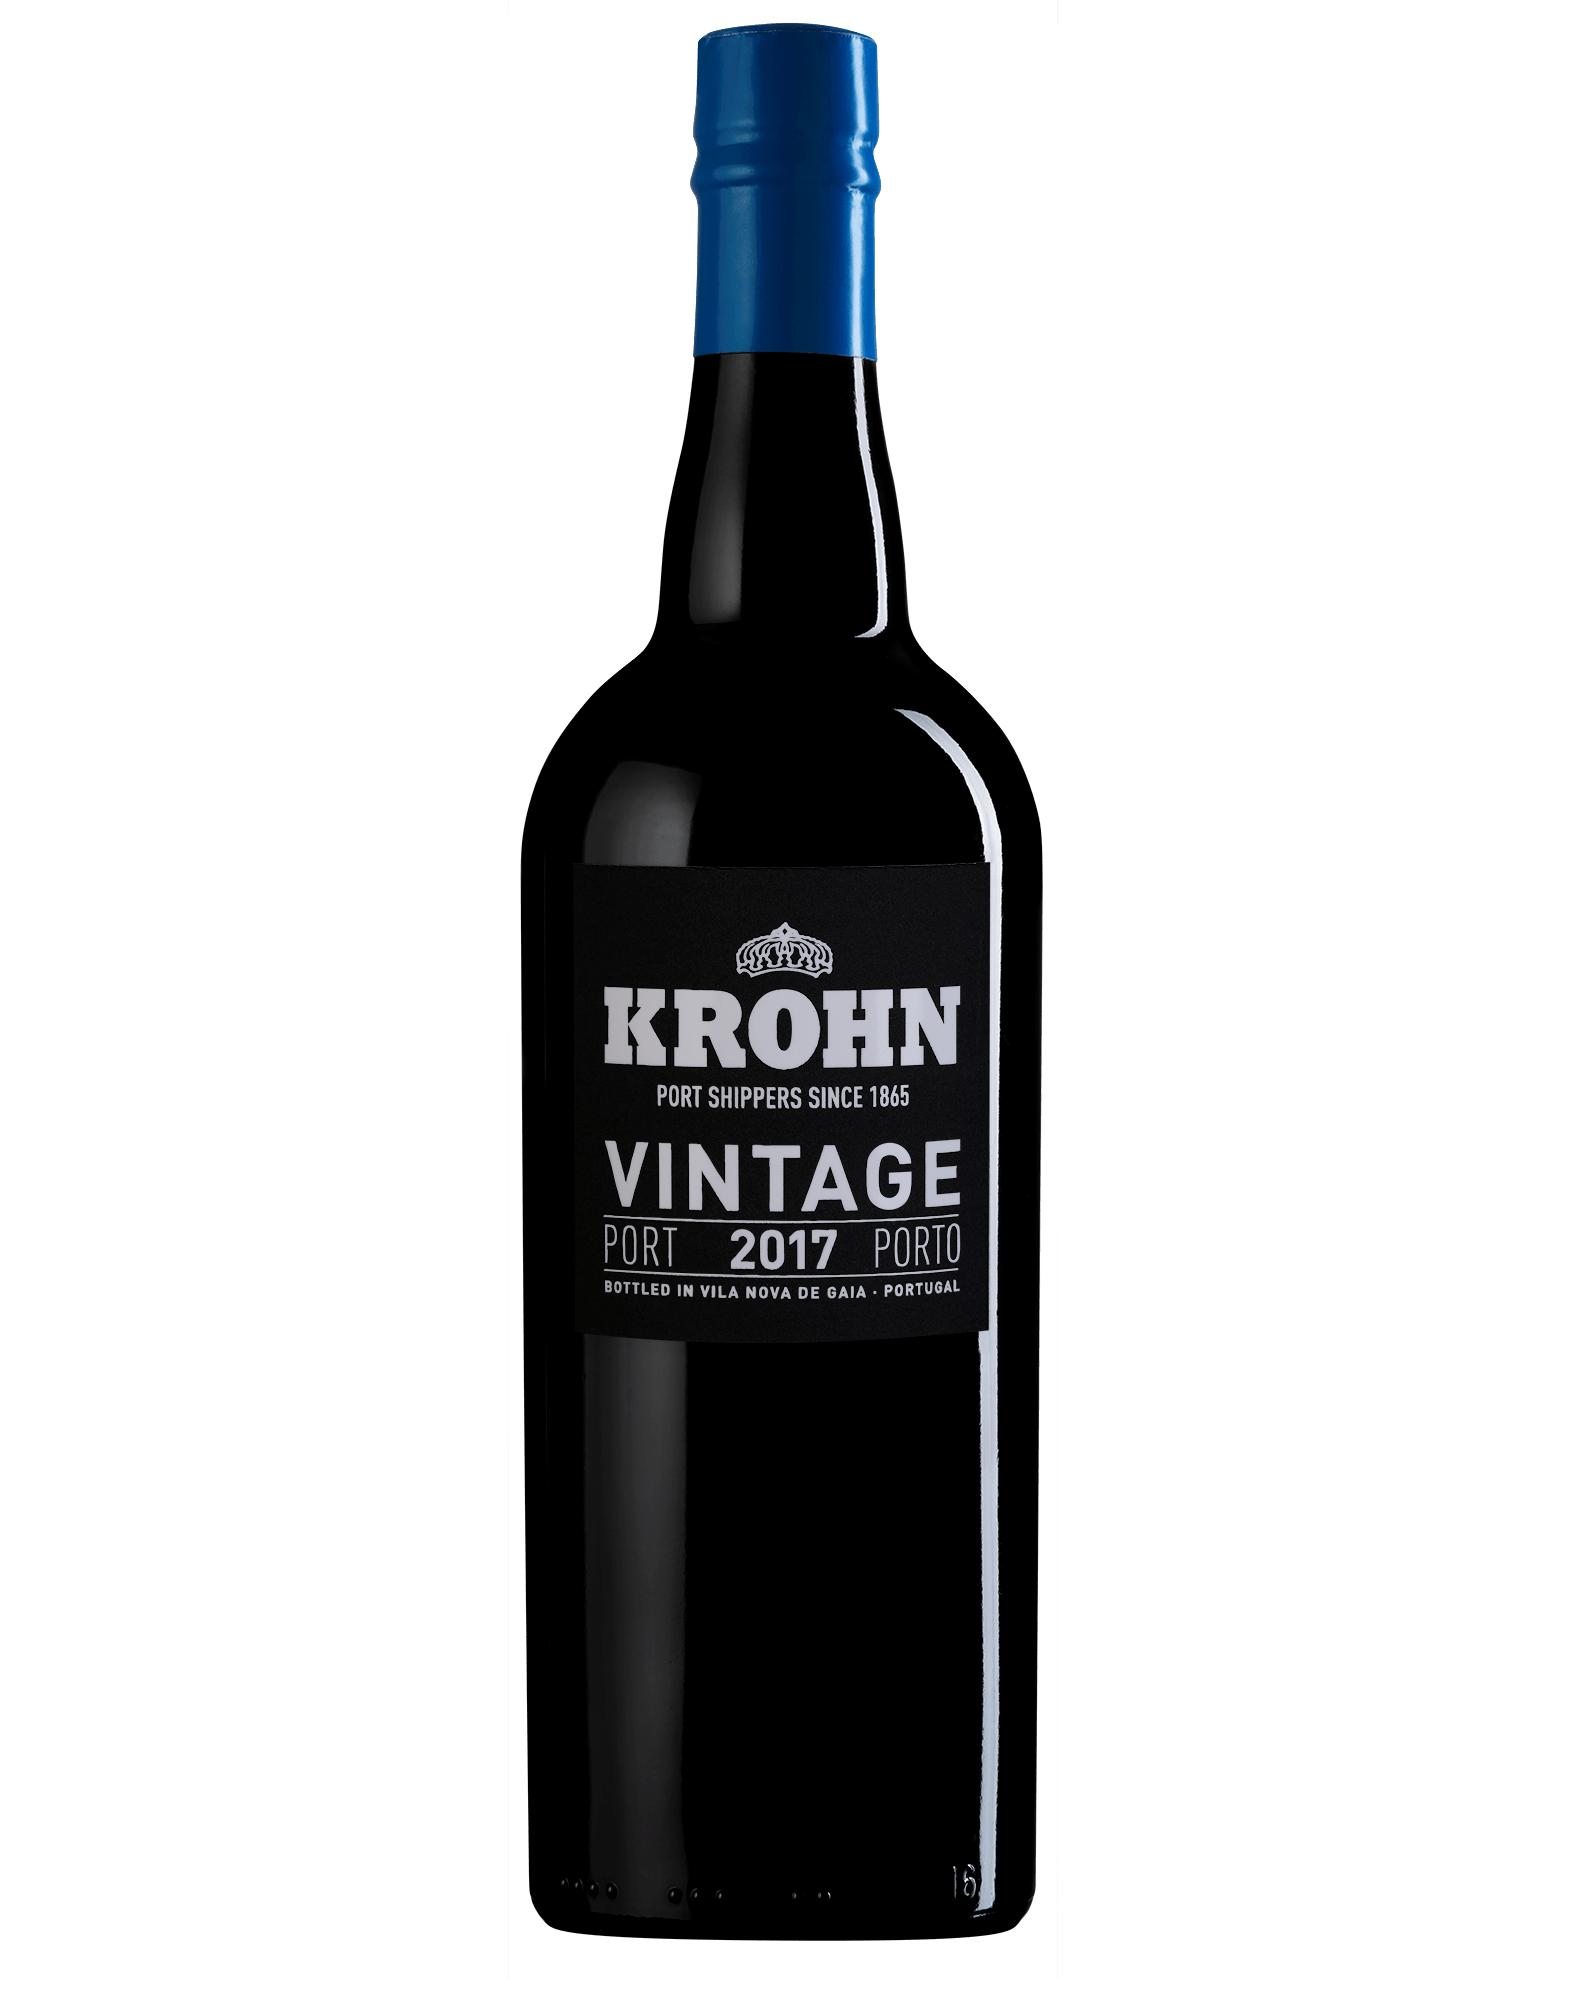 Wiese & Krohn Vintage 2017